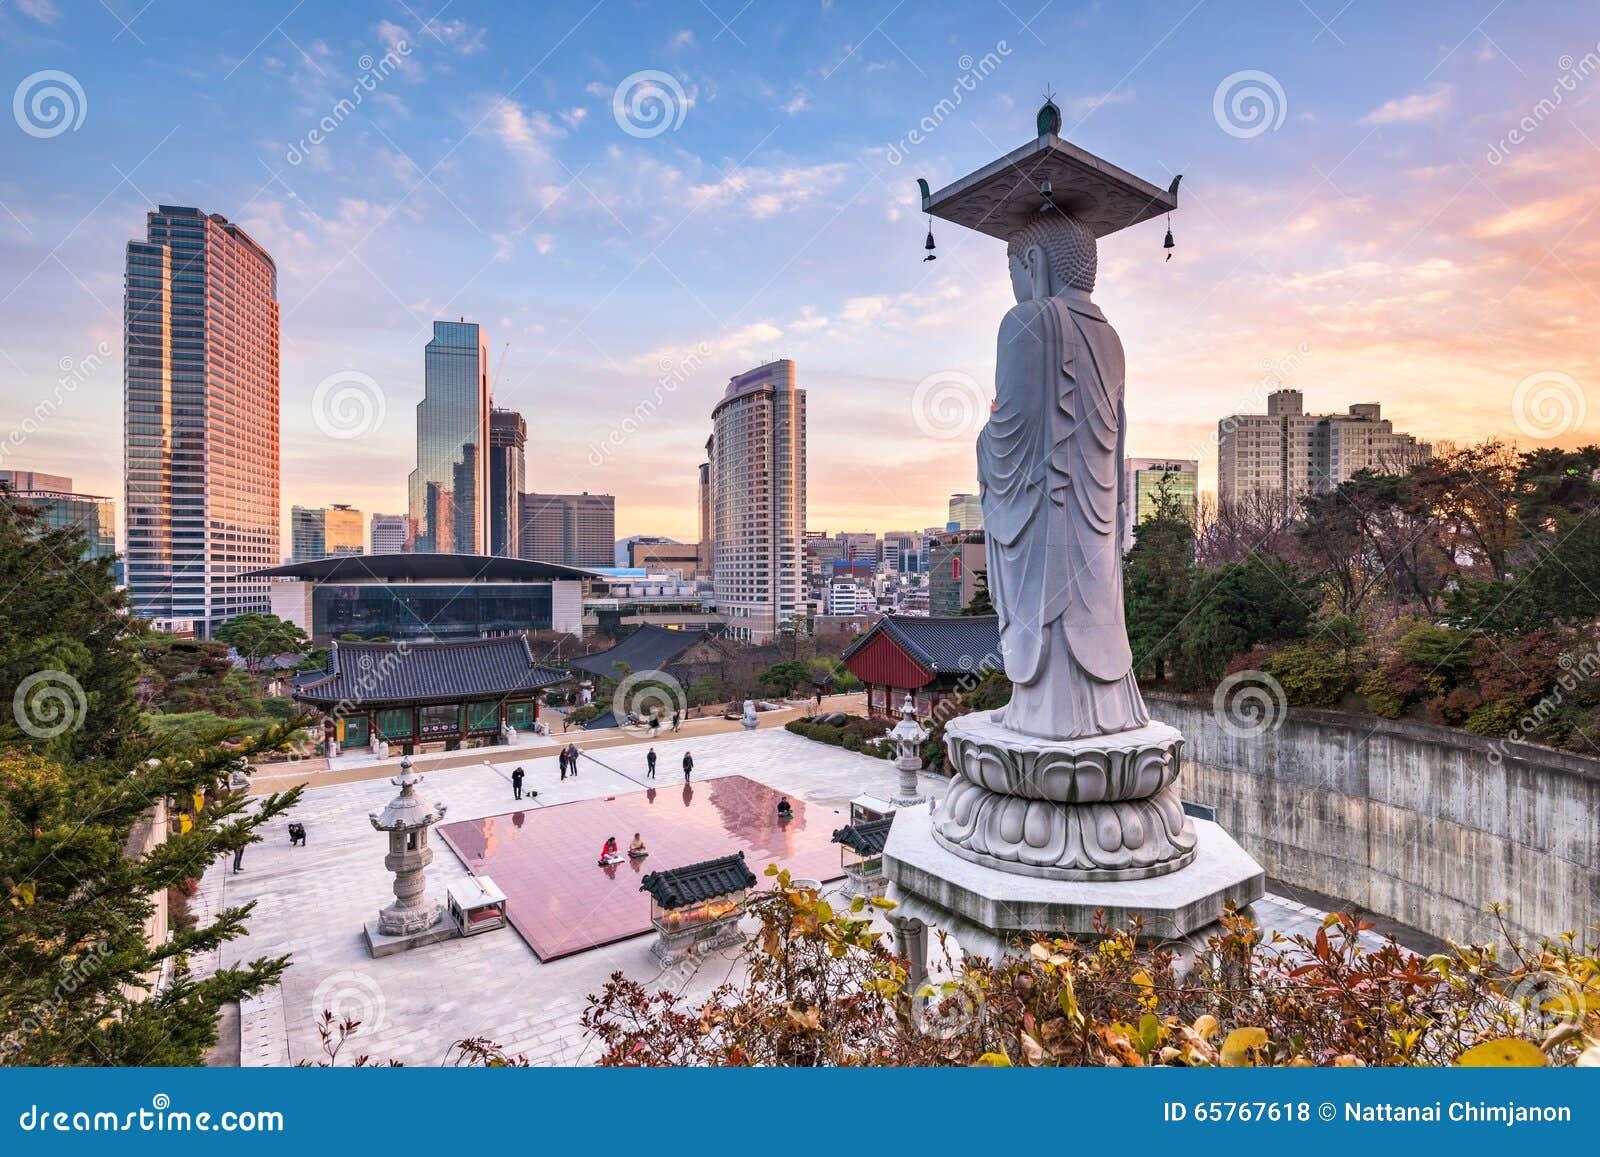 Temple de Bongeunsa dans la ville de Séoul, Corée du Sud